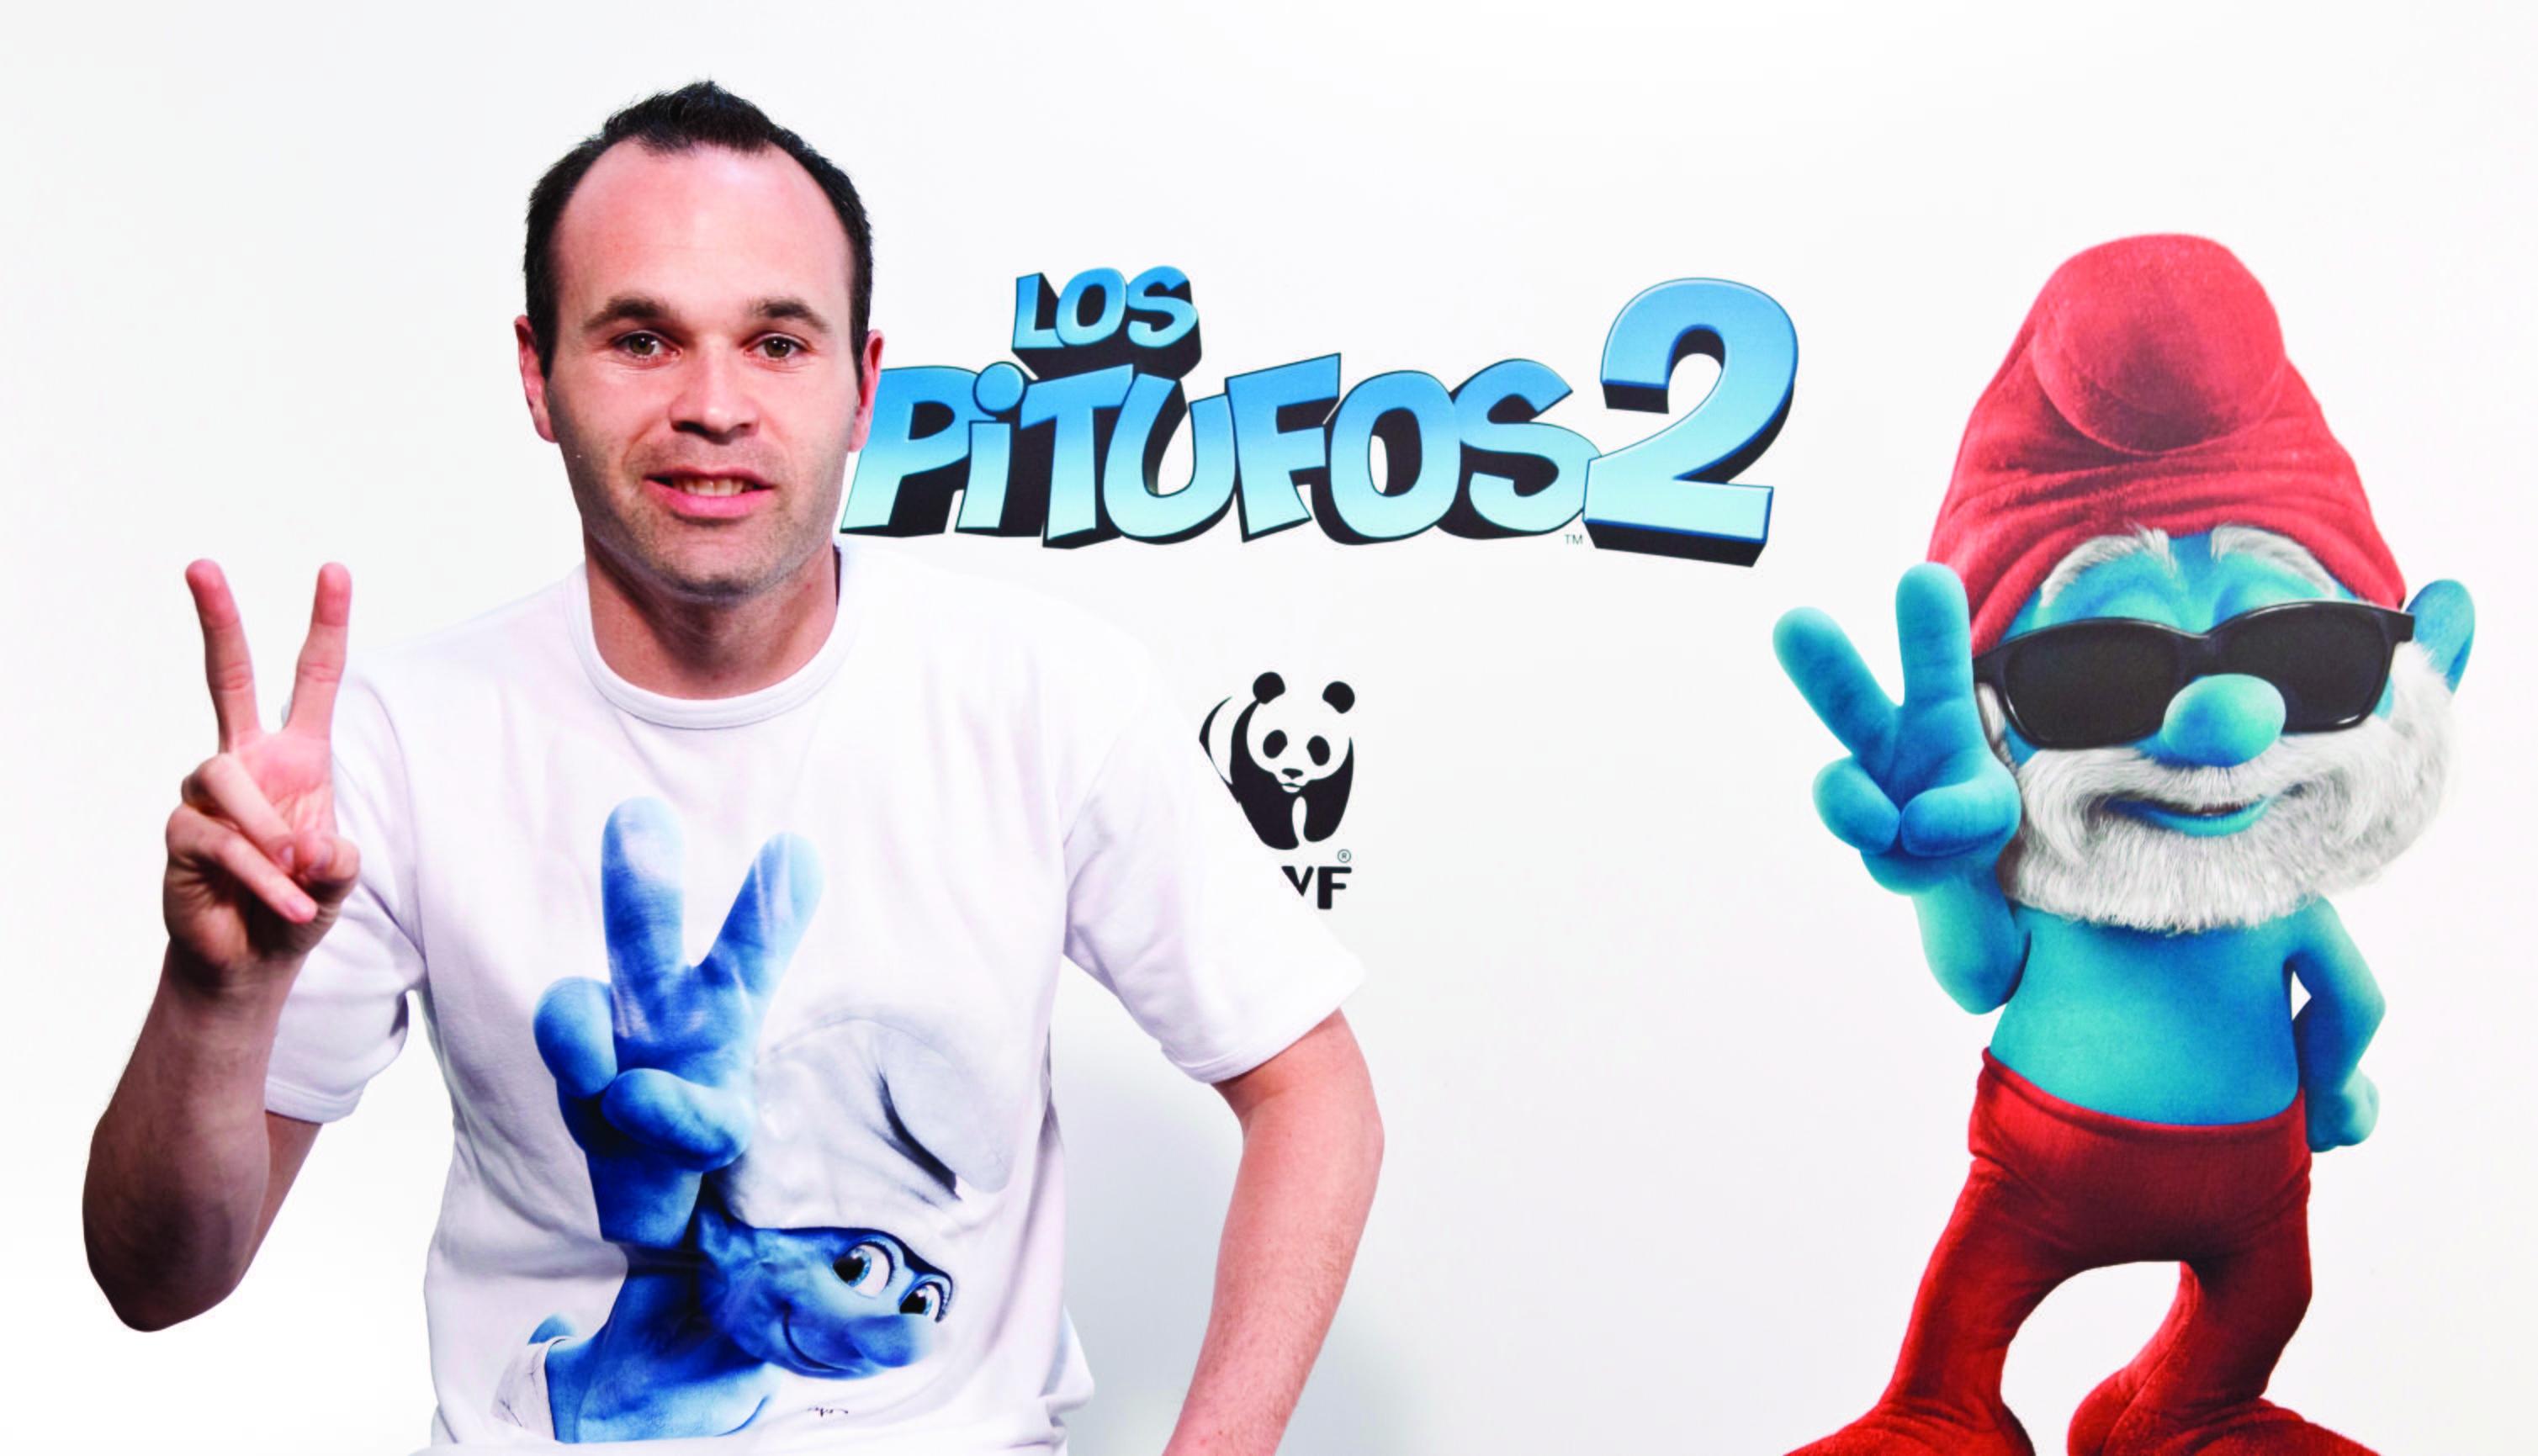 Día Mundial del medioambiente – LOS PITUFOS 2 - WWF